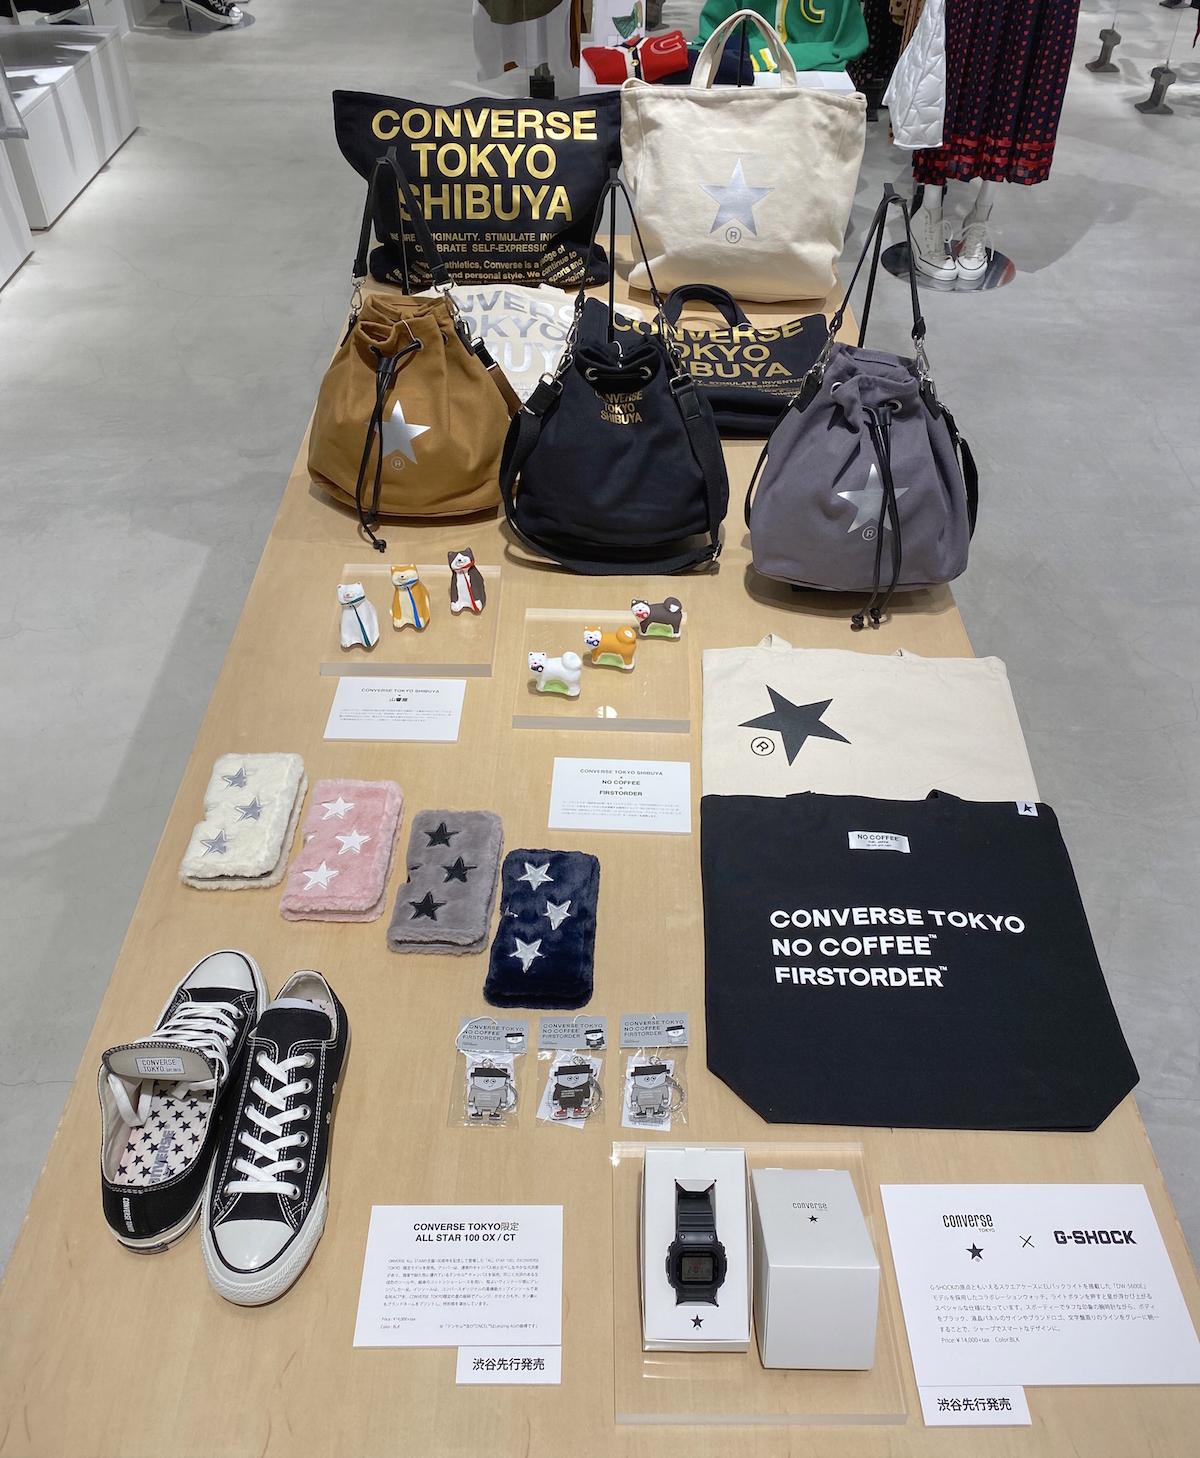 『渋谷スクランブルスクエア』注目の限定ファッションアイテム☆ 『N.O.R.C』のコスパ服も【今週のファッション人気ランキング】_1_3